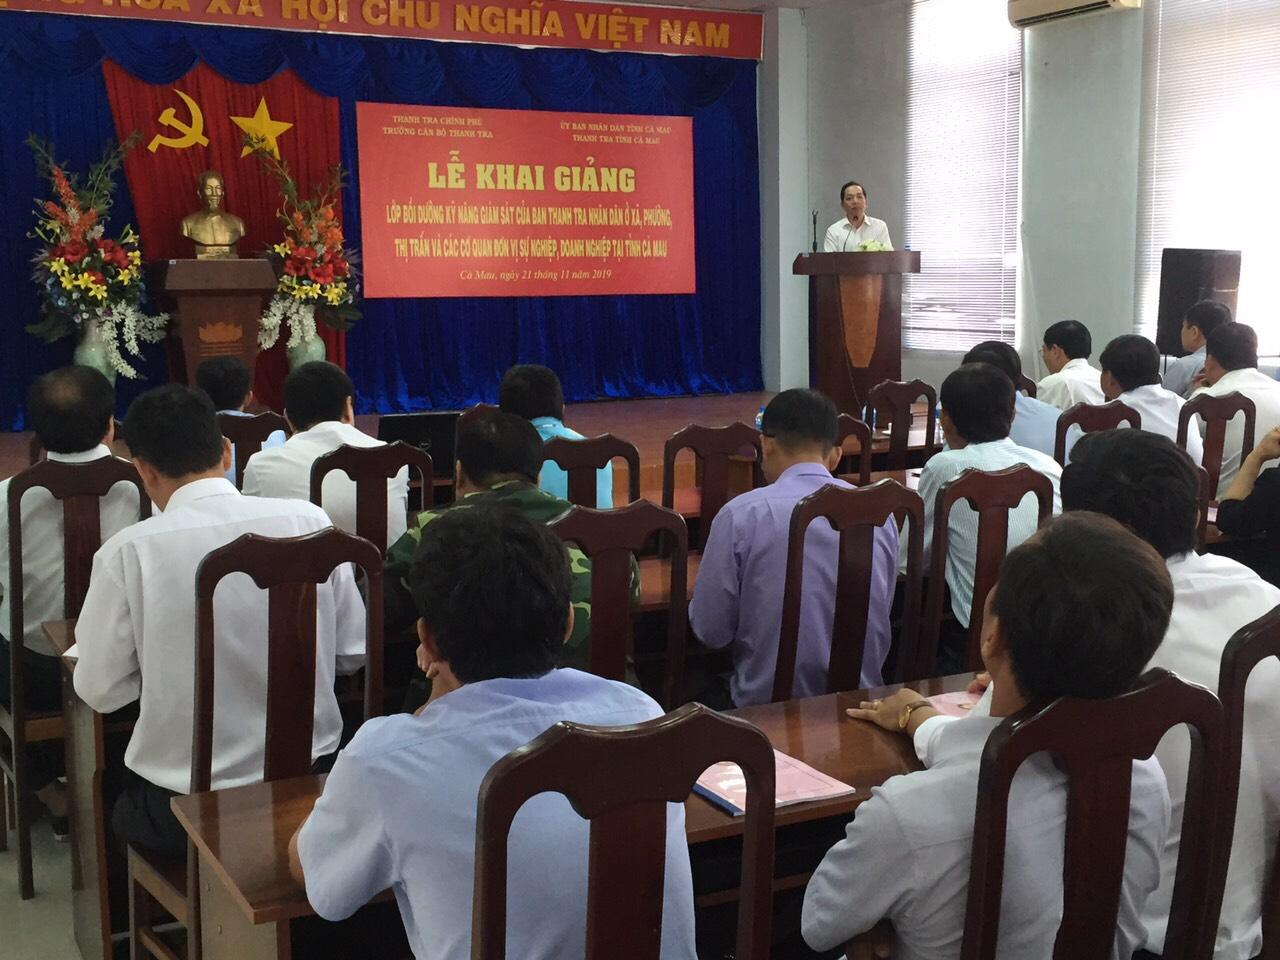 TS Nguyễn Huy Hoàng PHT nhà trường khai giảng lớp học